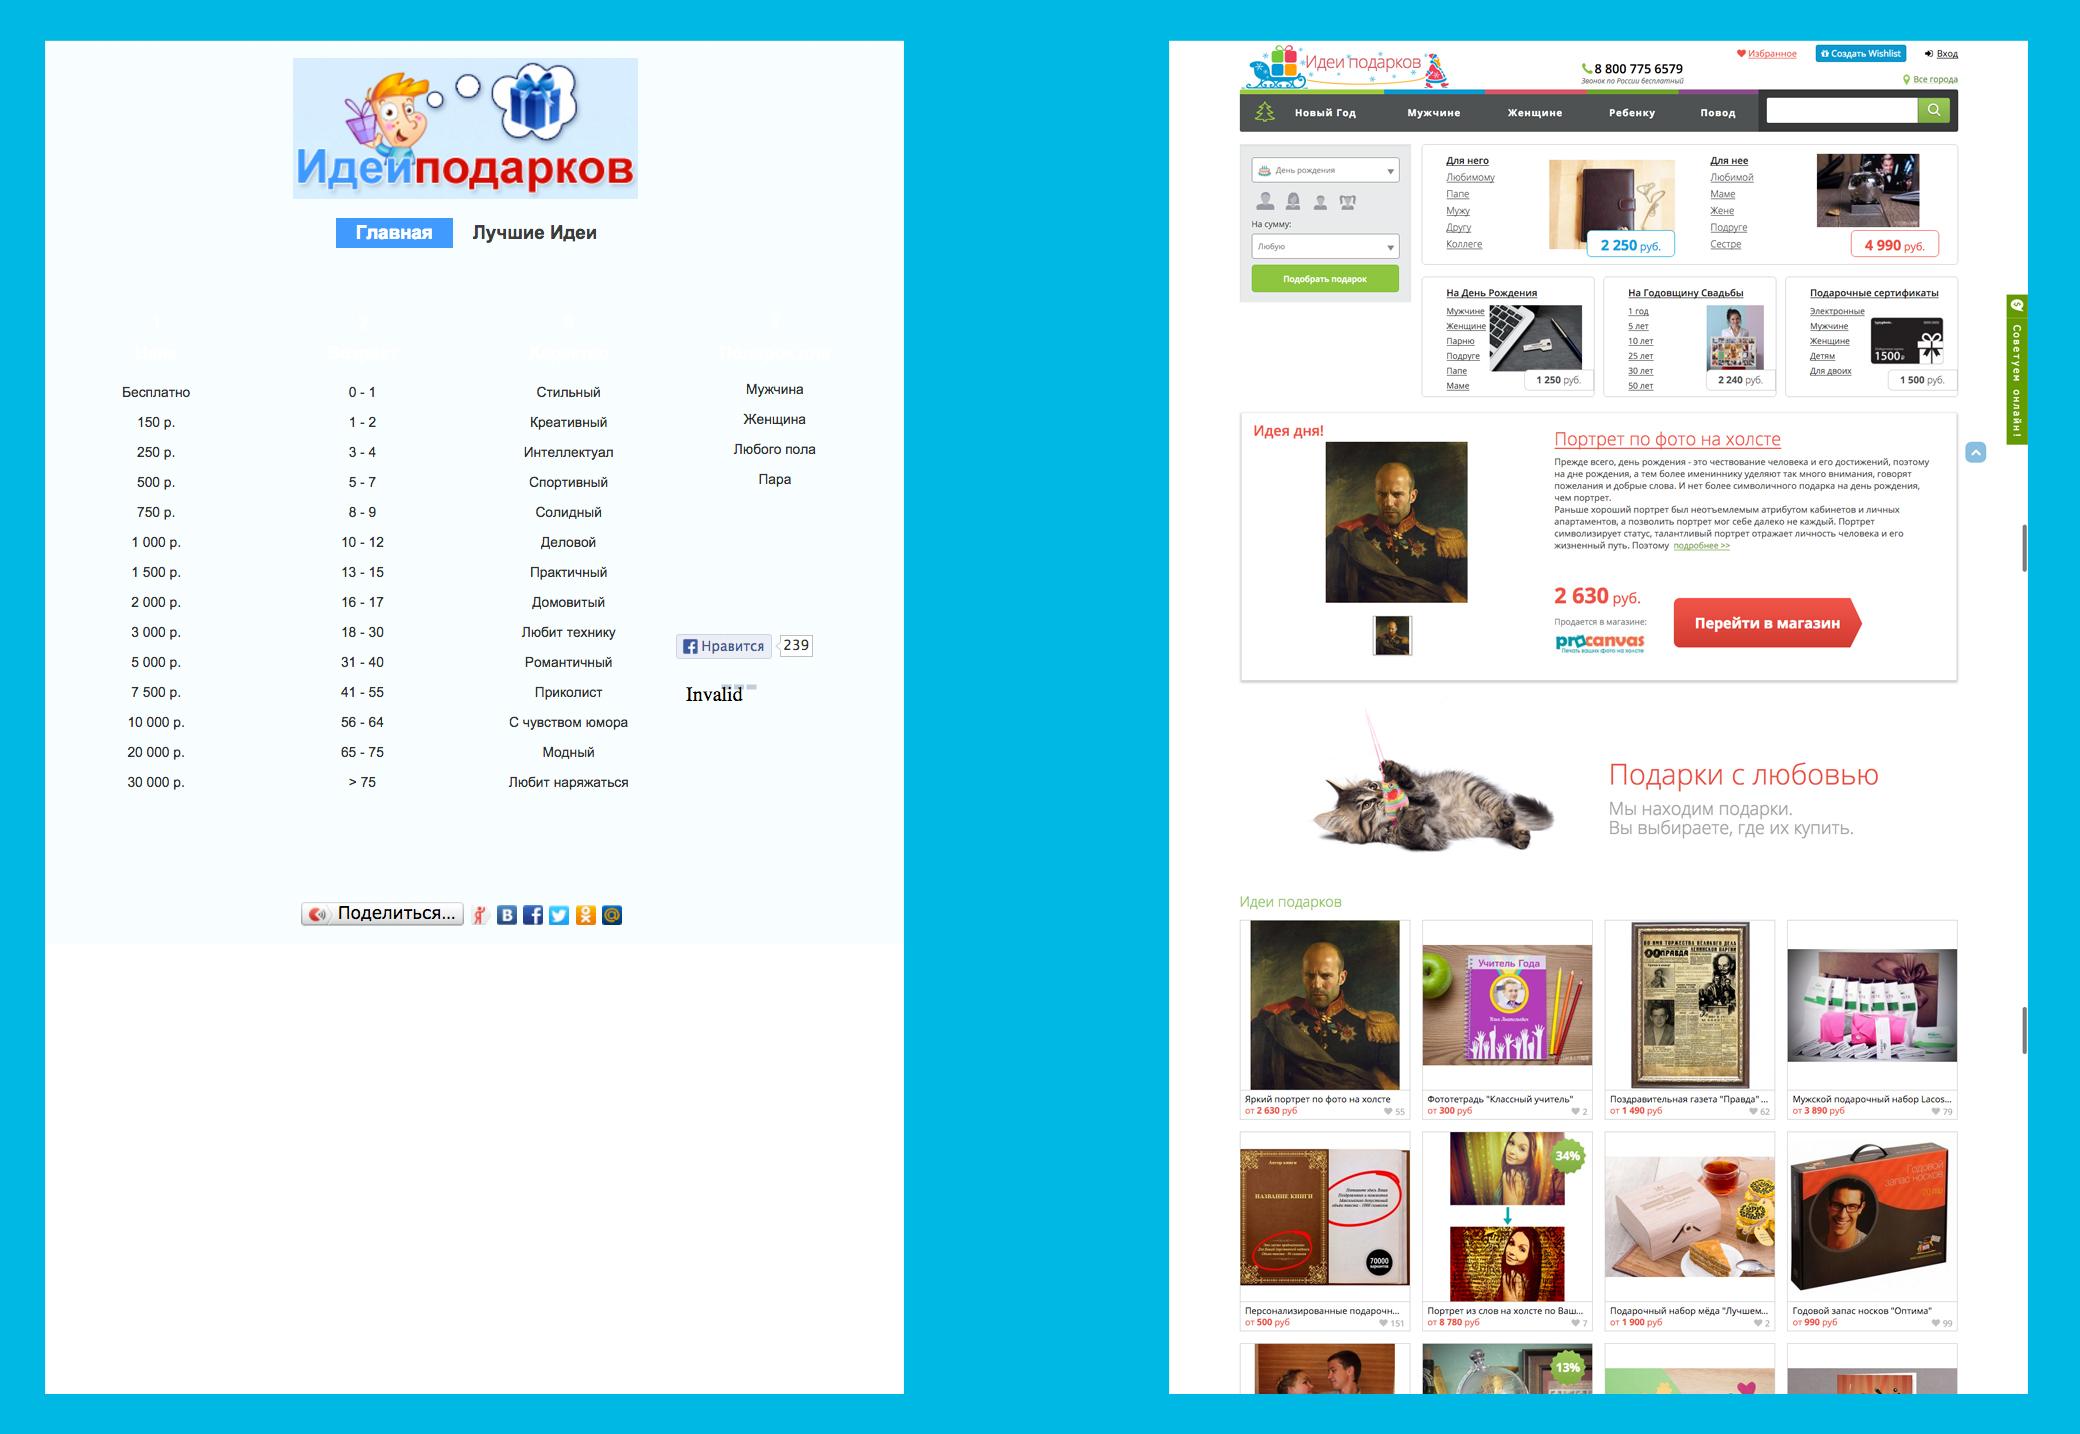 Пример наших услуг по юзабилити для проекта «Идеи подарков».